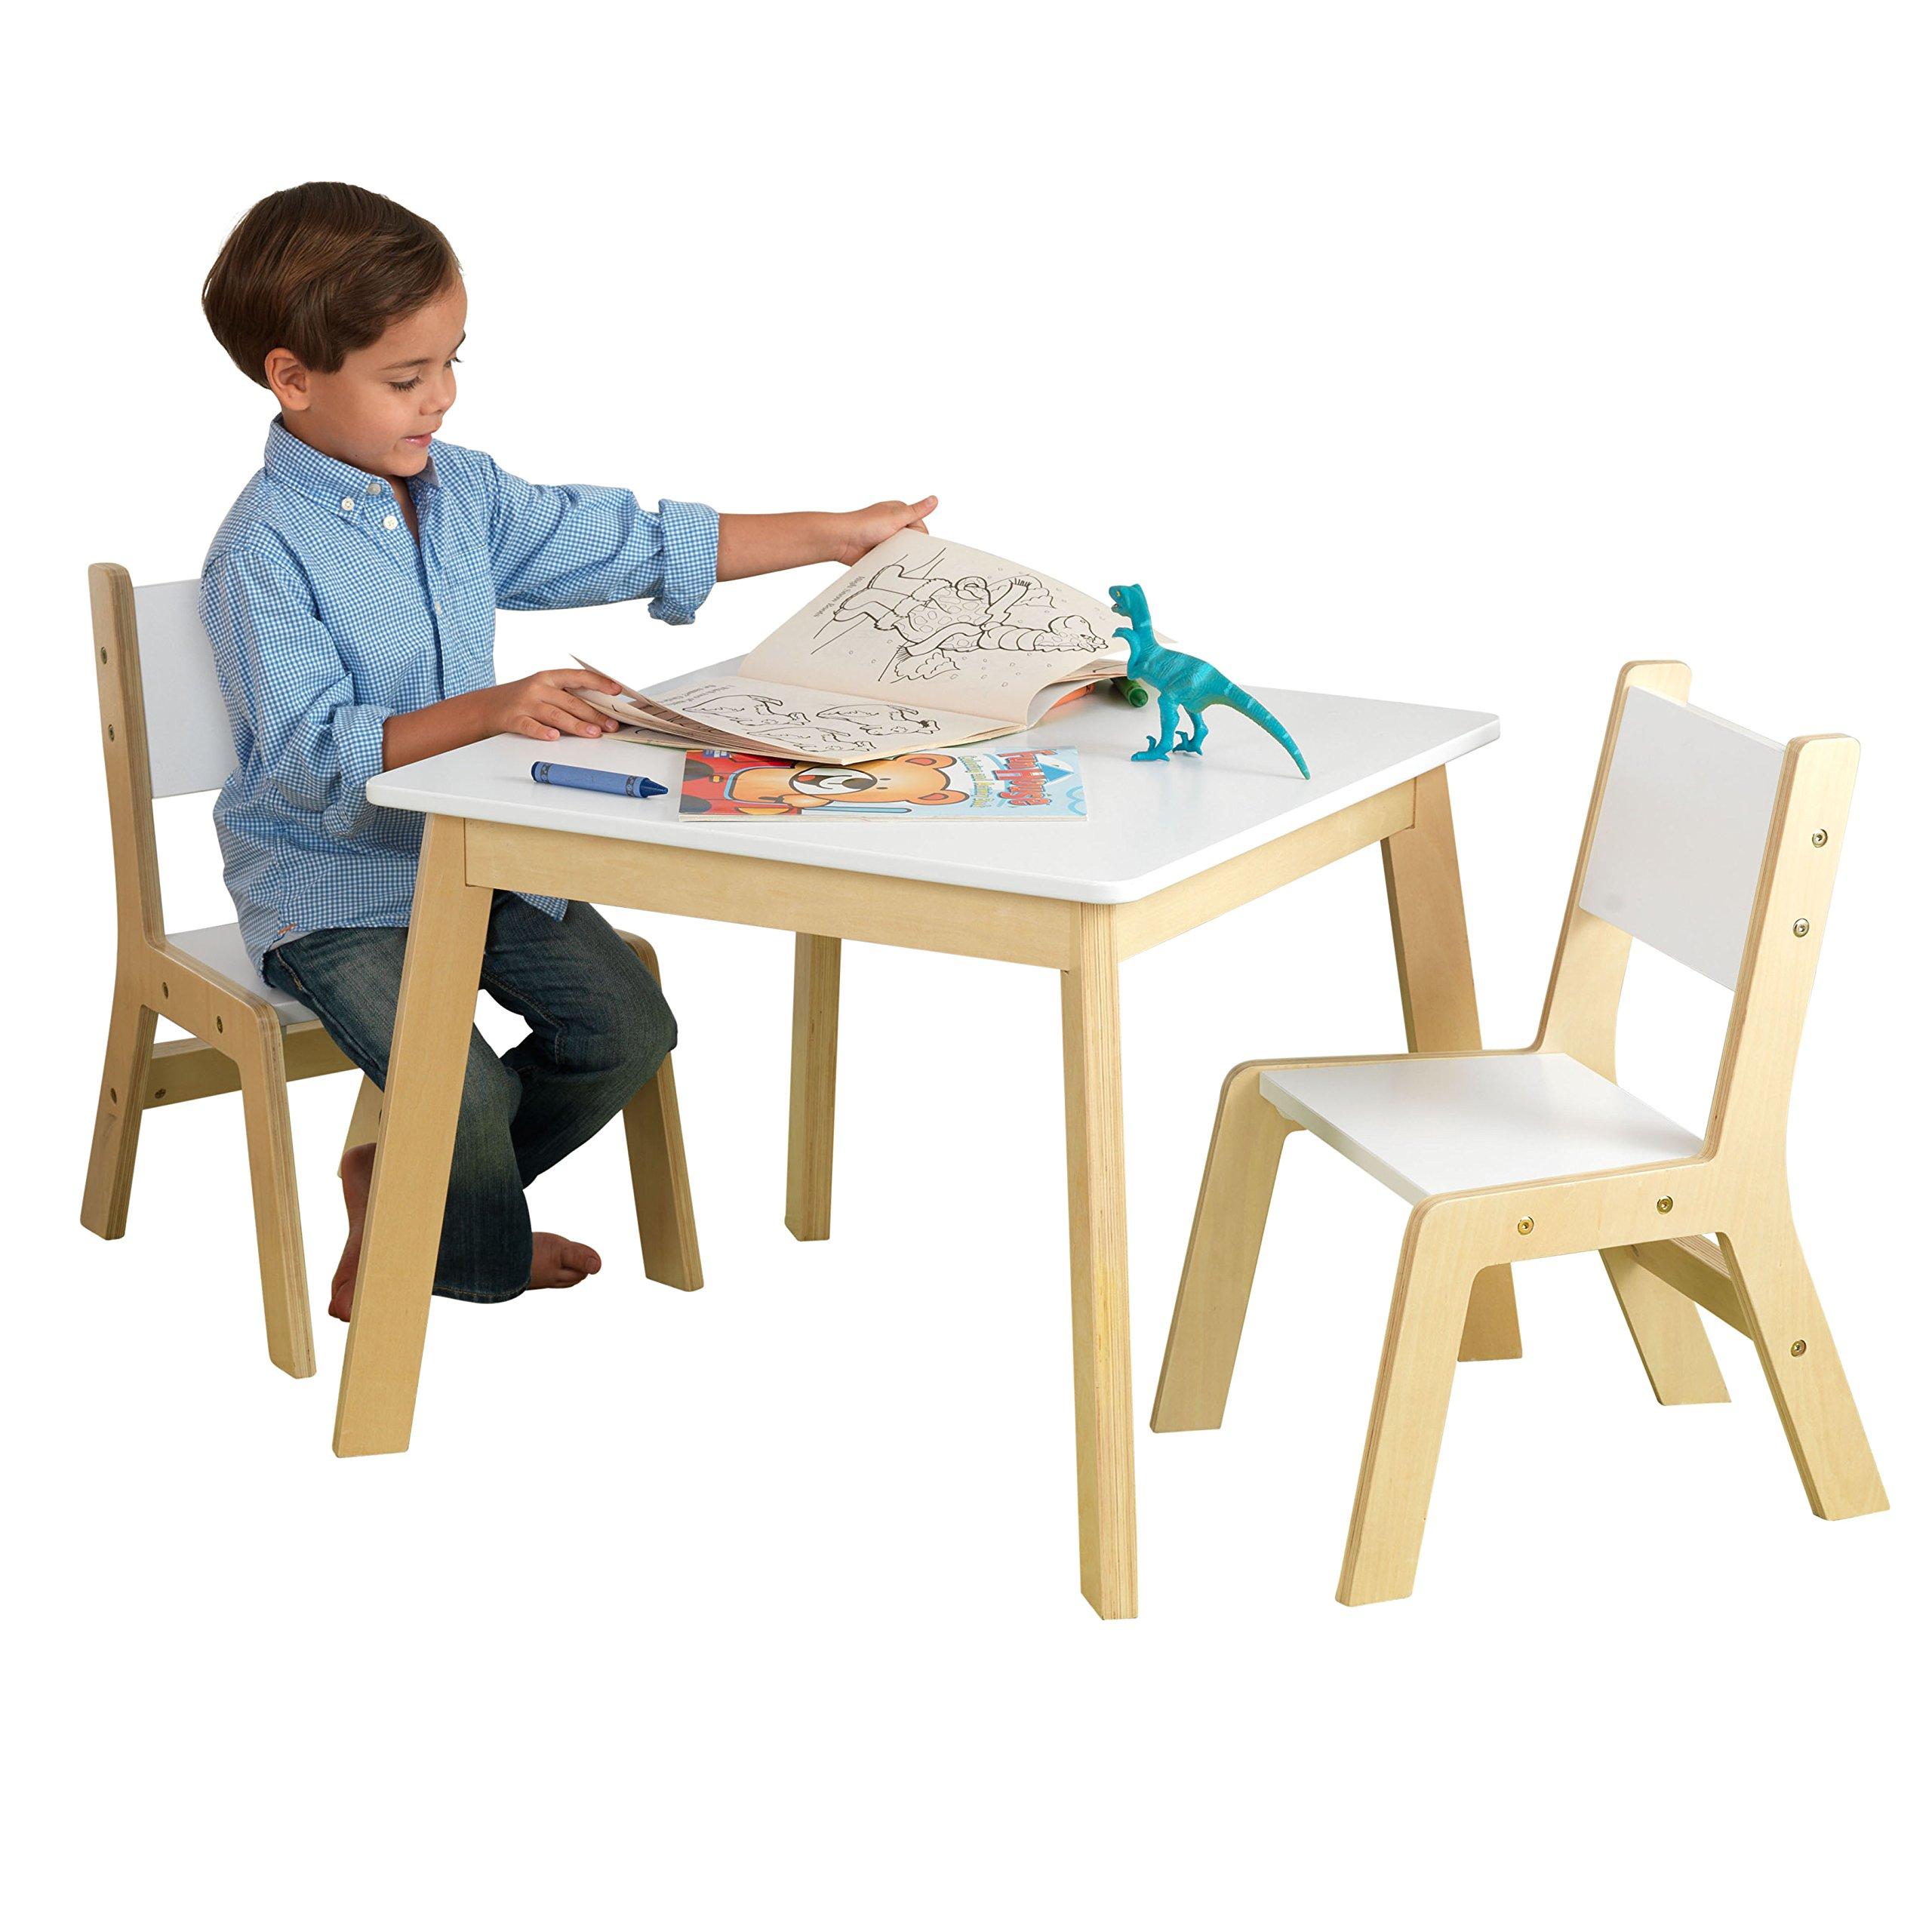 KidKraft 27025 Set Tavolo con 2 Sedie Moderni in Legno, Mobili per Camera  da Letto e Sala Giochi per Bambini - Bianco - Giochi Legno